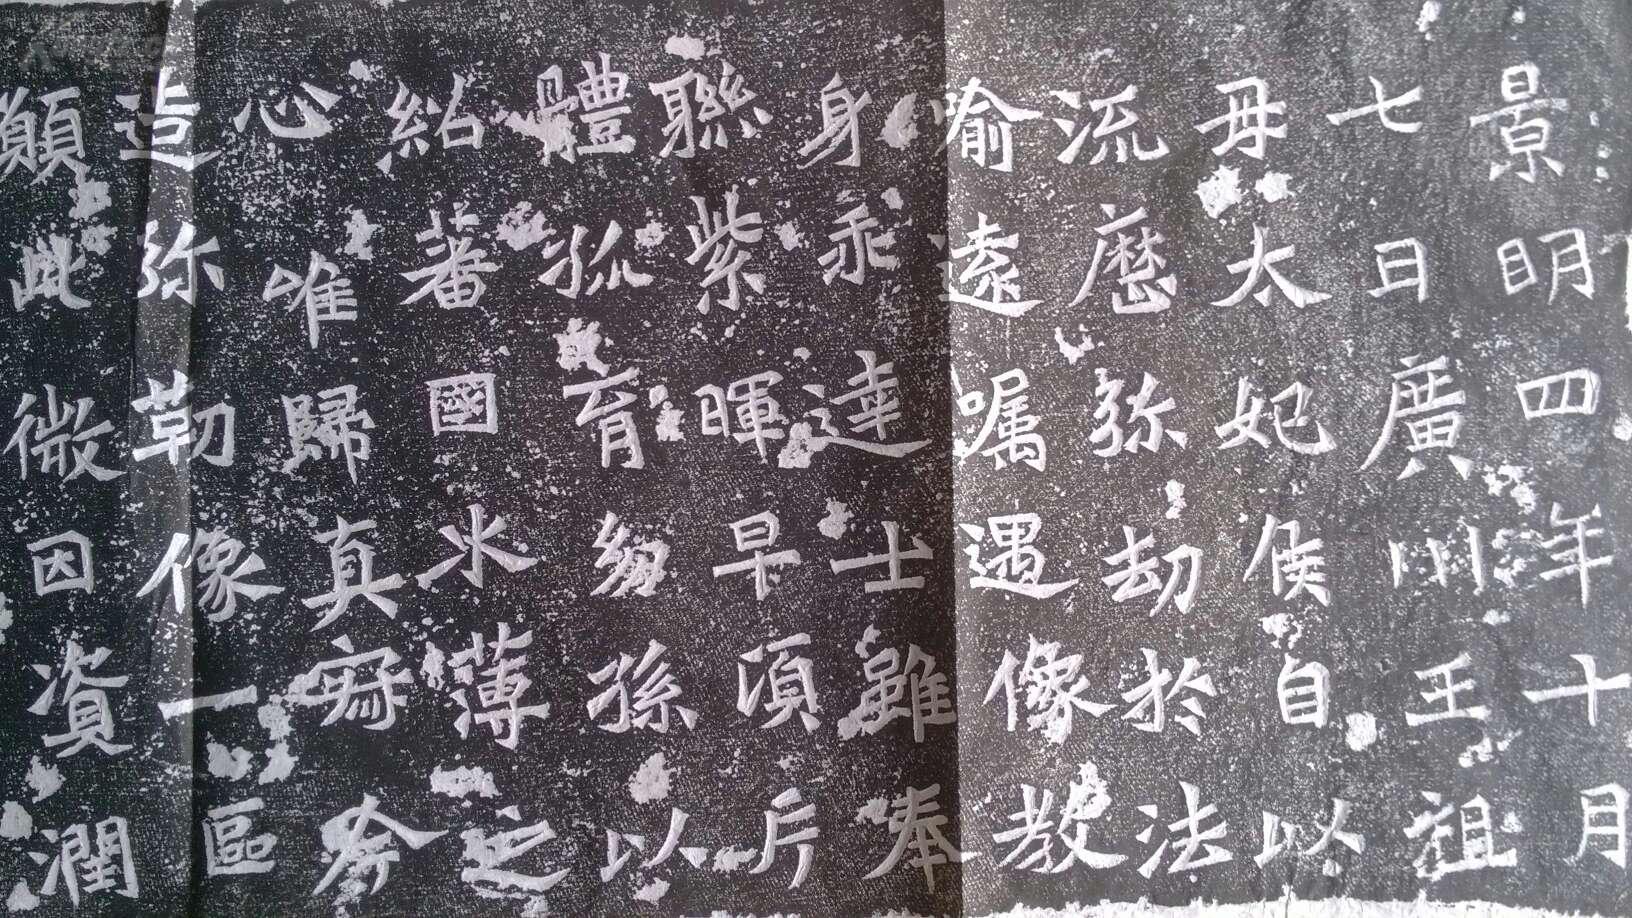 董昌生祠题记魏碑书法-董昌生祠题记图片